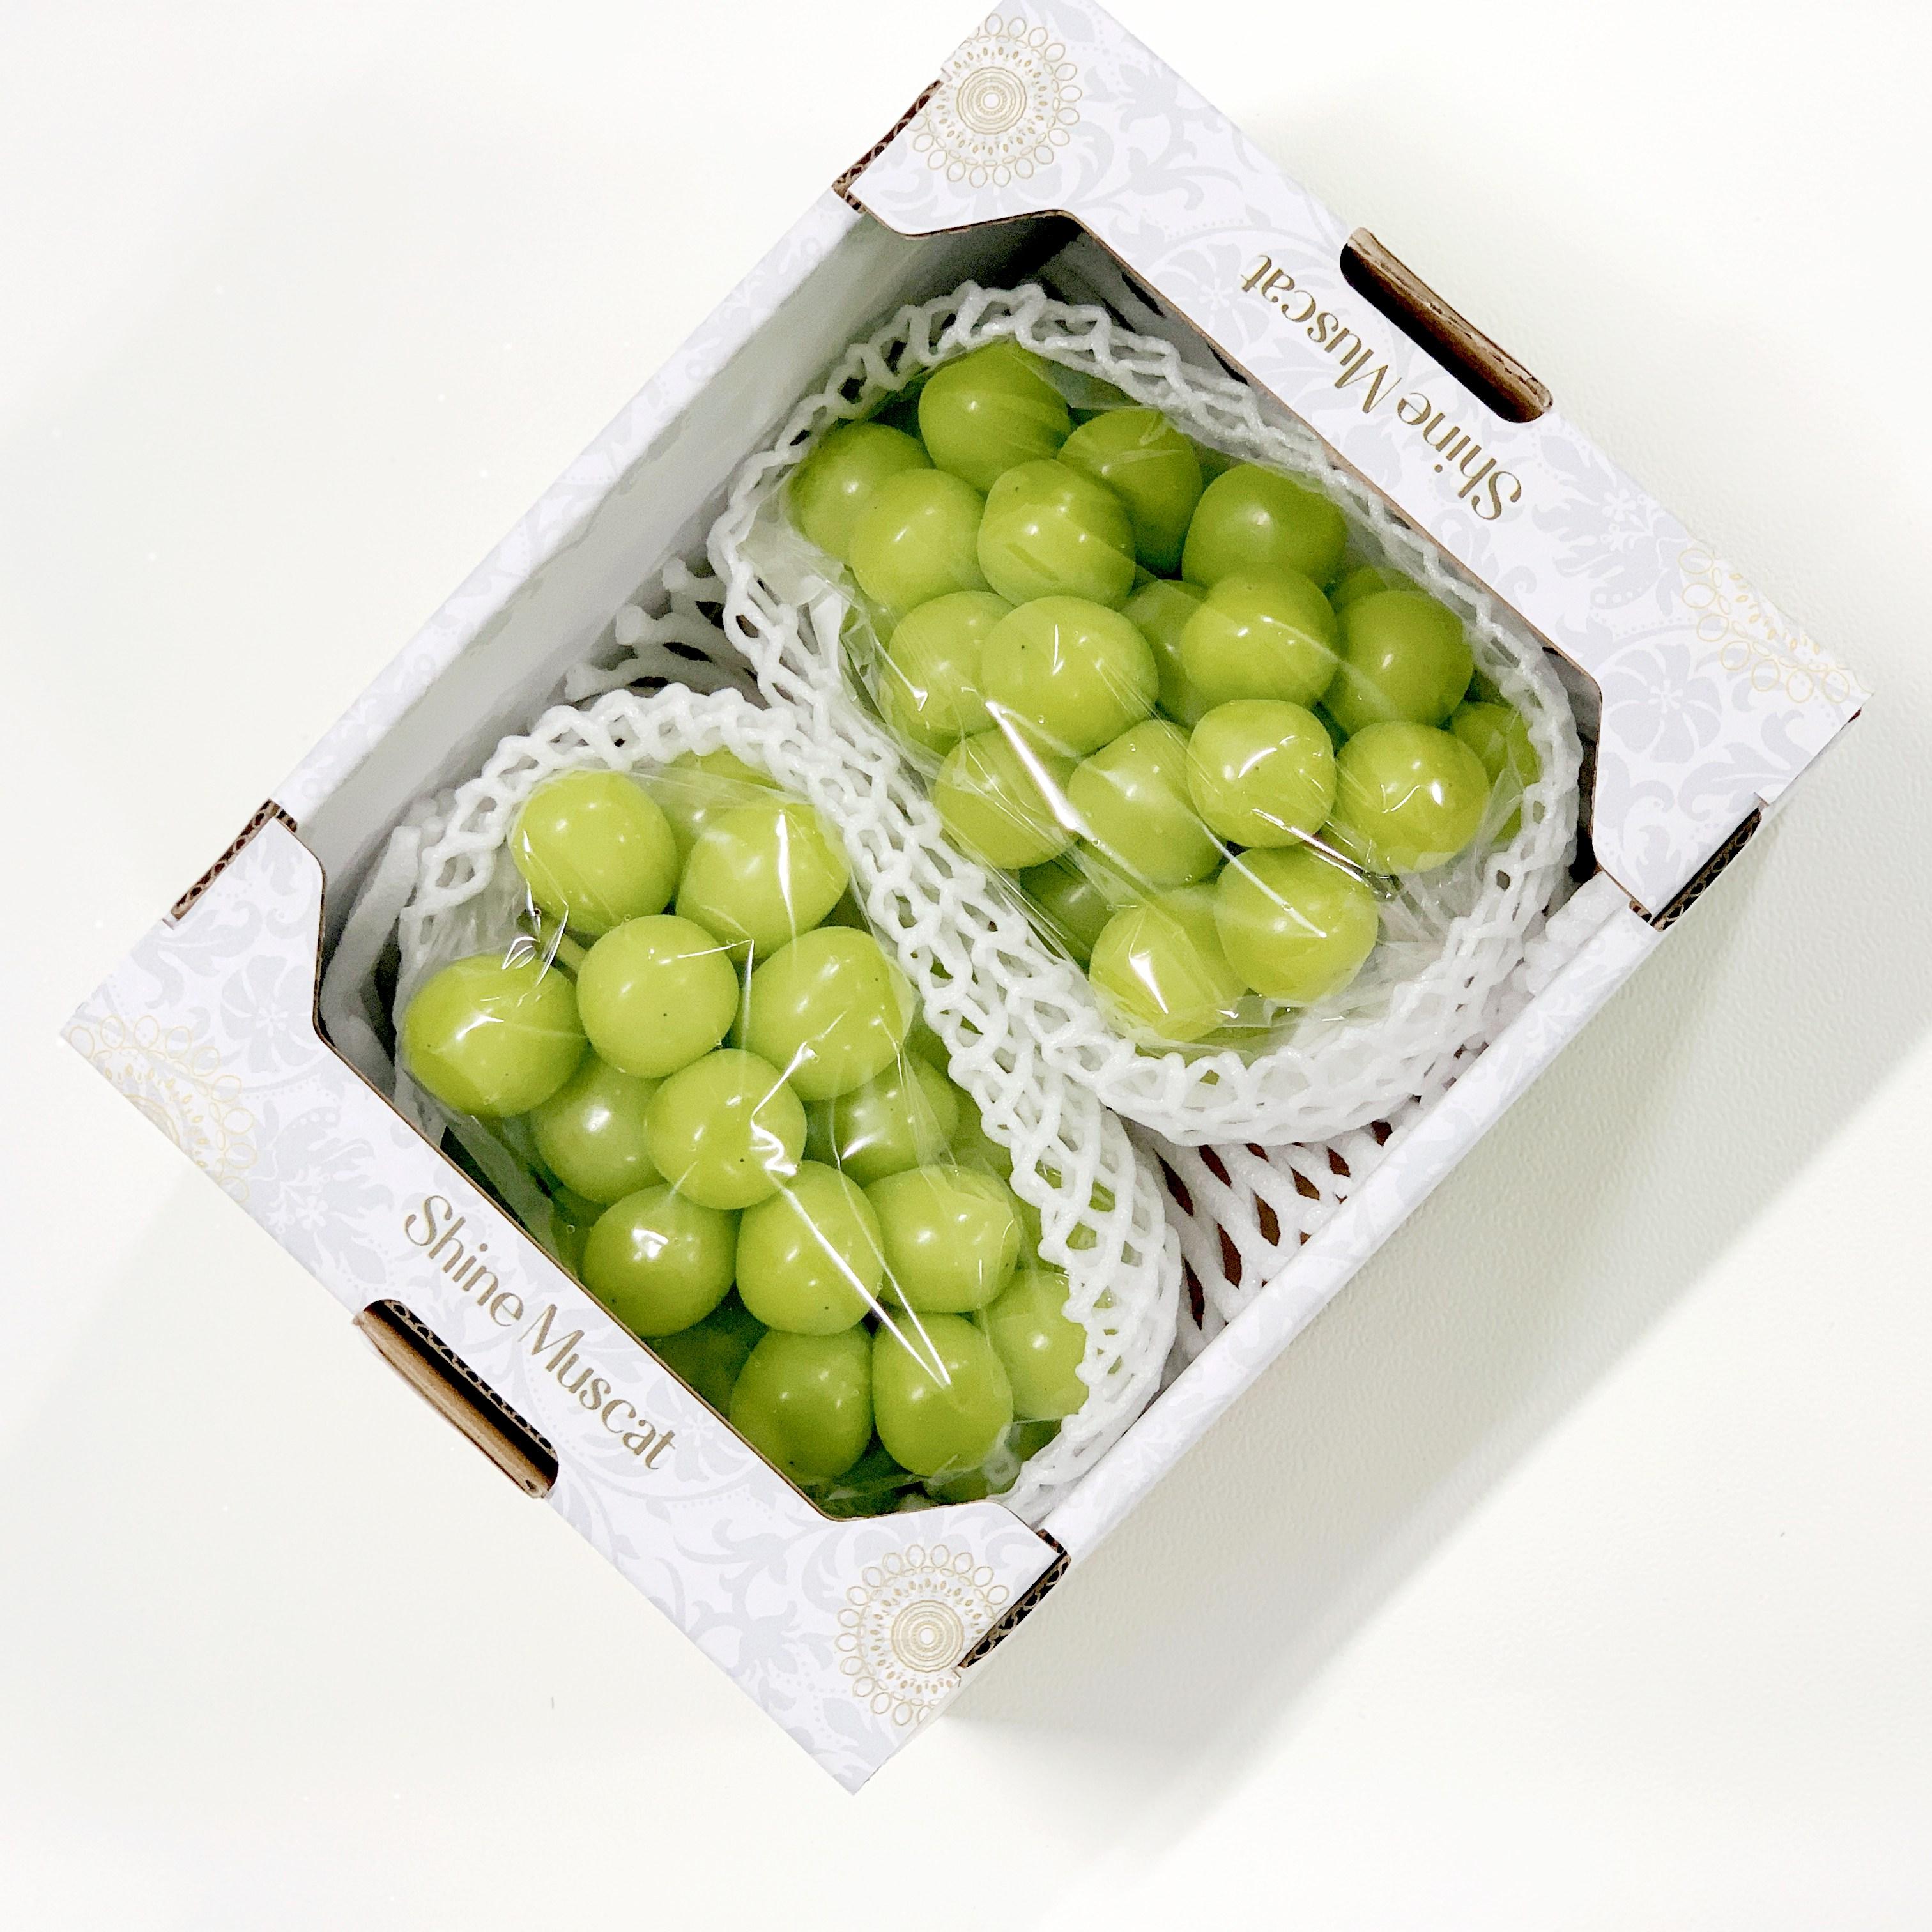 망고 포도 청포도 샤인머스켓 명절 선물세트 1.5kg 1.8kg 2kg 800g, 프리미엄 1.5kg(2-3수)